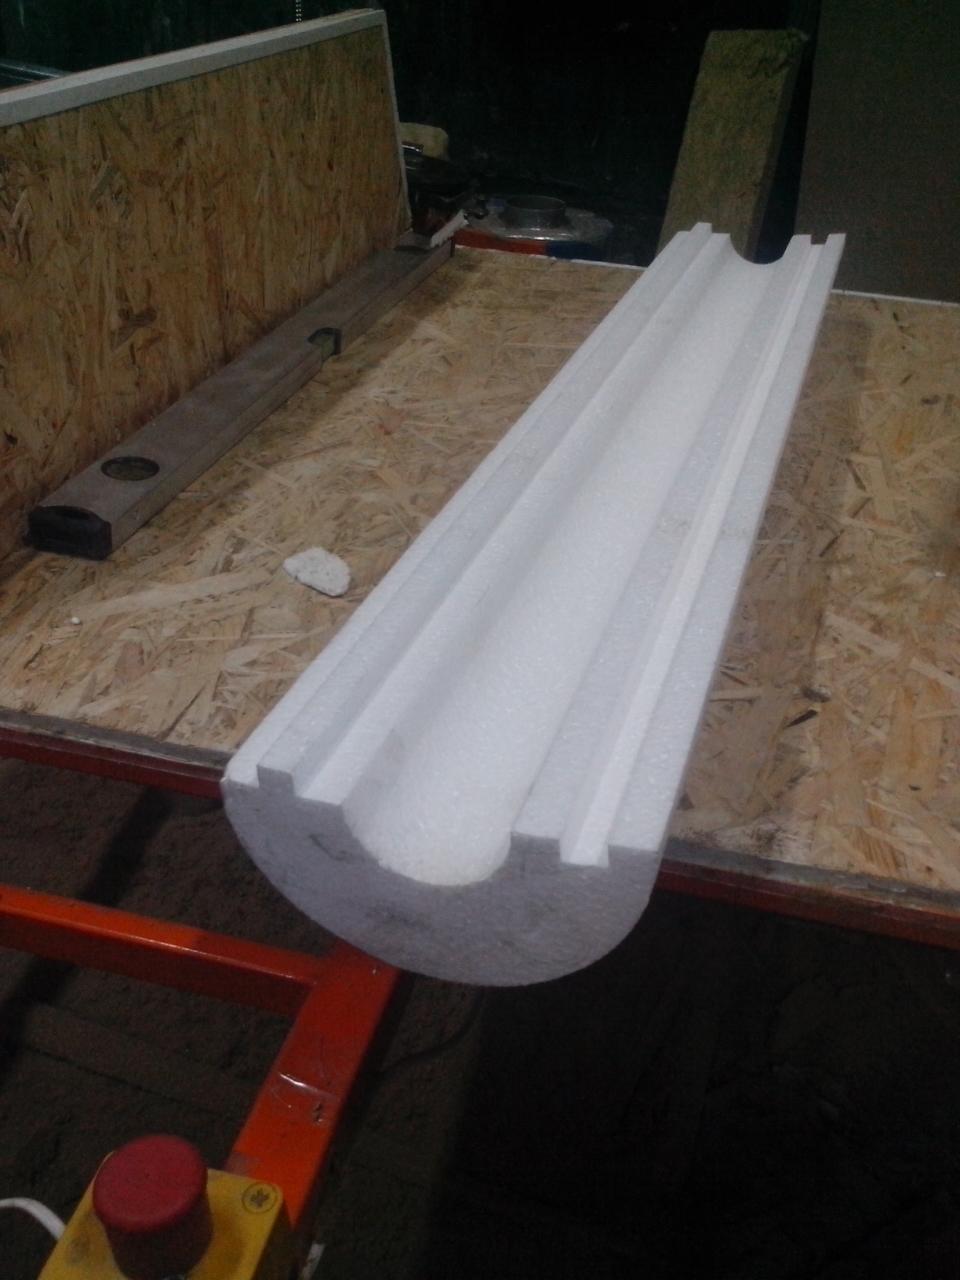 Утеплитель из пенопласта (пенополистирола) для труб Ø 45 мм толщиной 80 мм